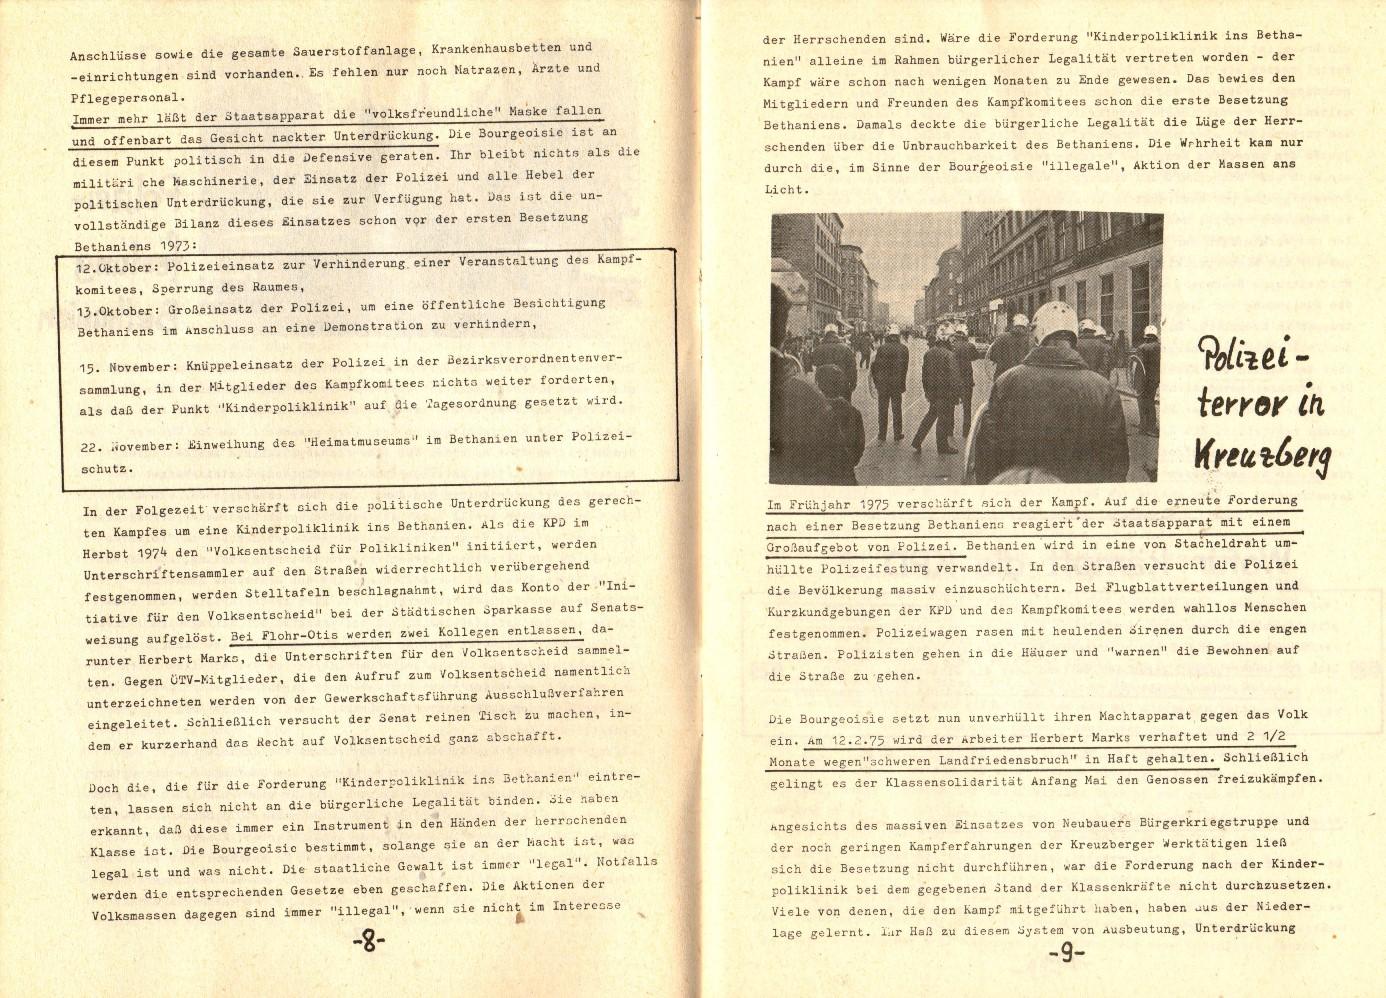 Berlin_KPD_1976_Staatsschutzprozess_06